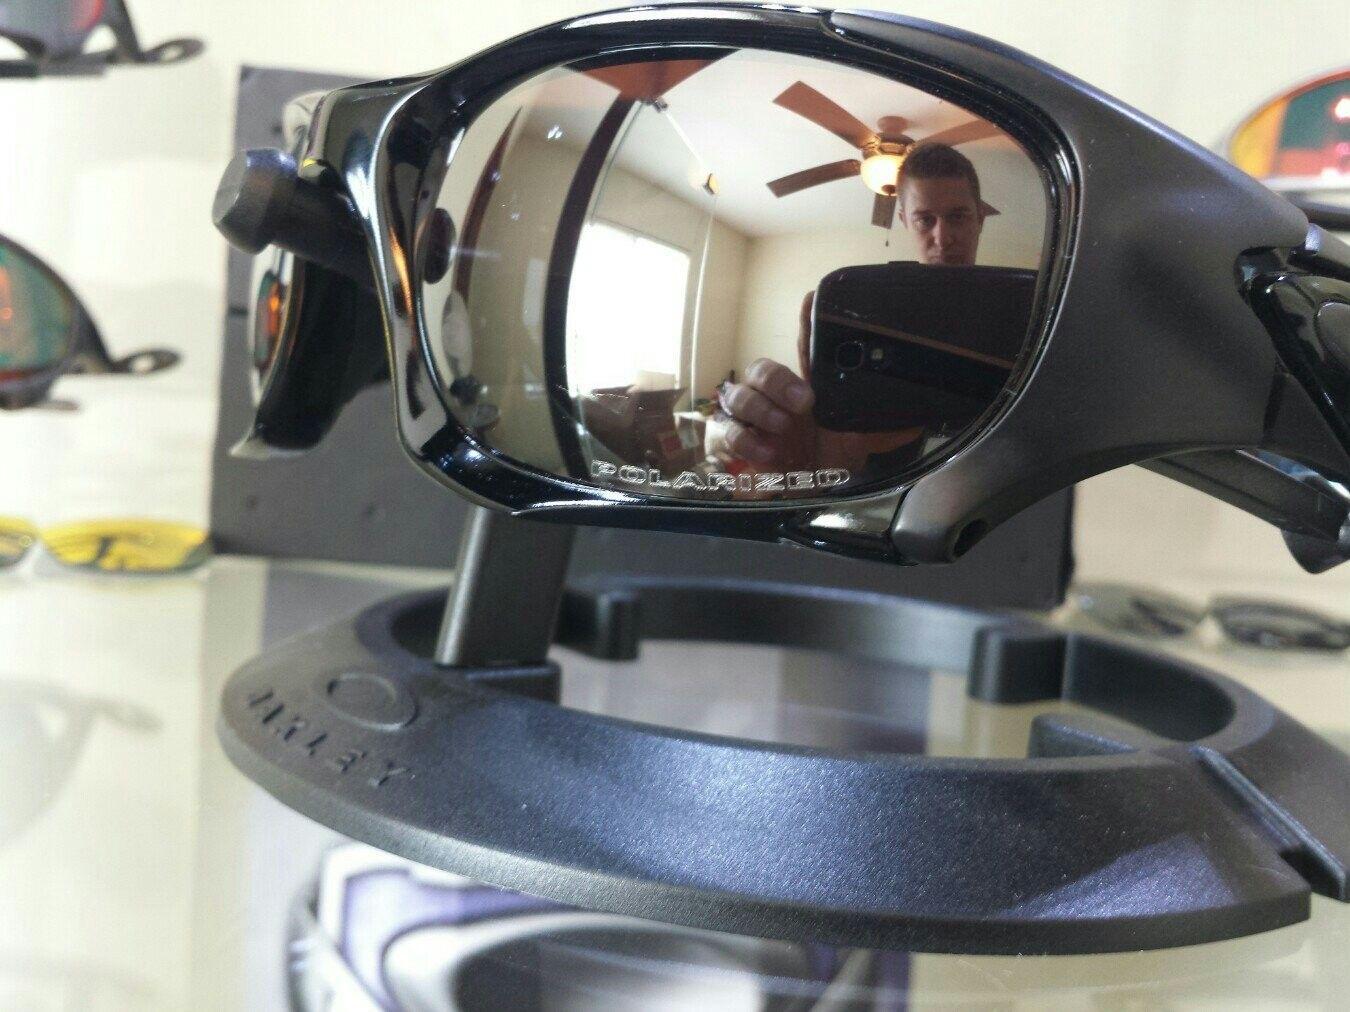 Oakley Pit Boss II - $275 - je7aze8y.jpg